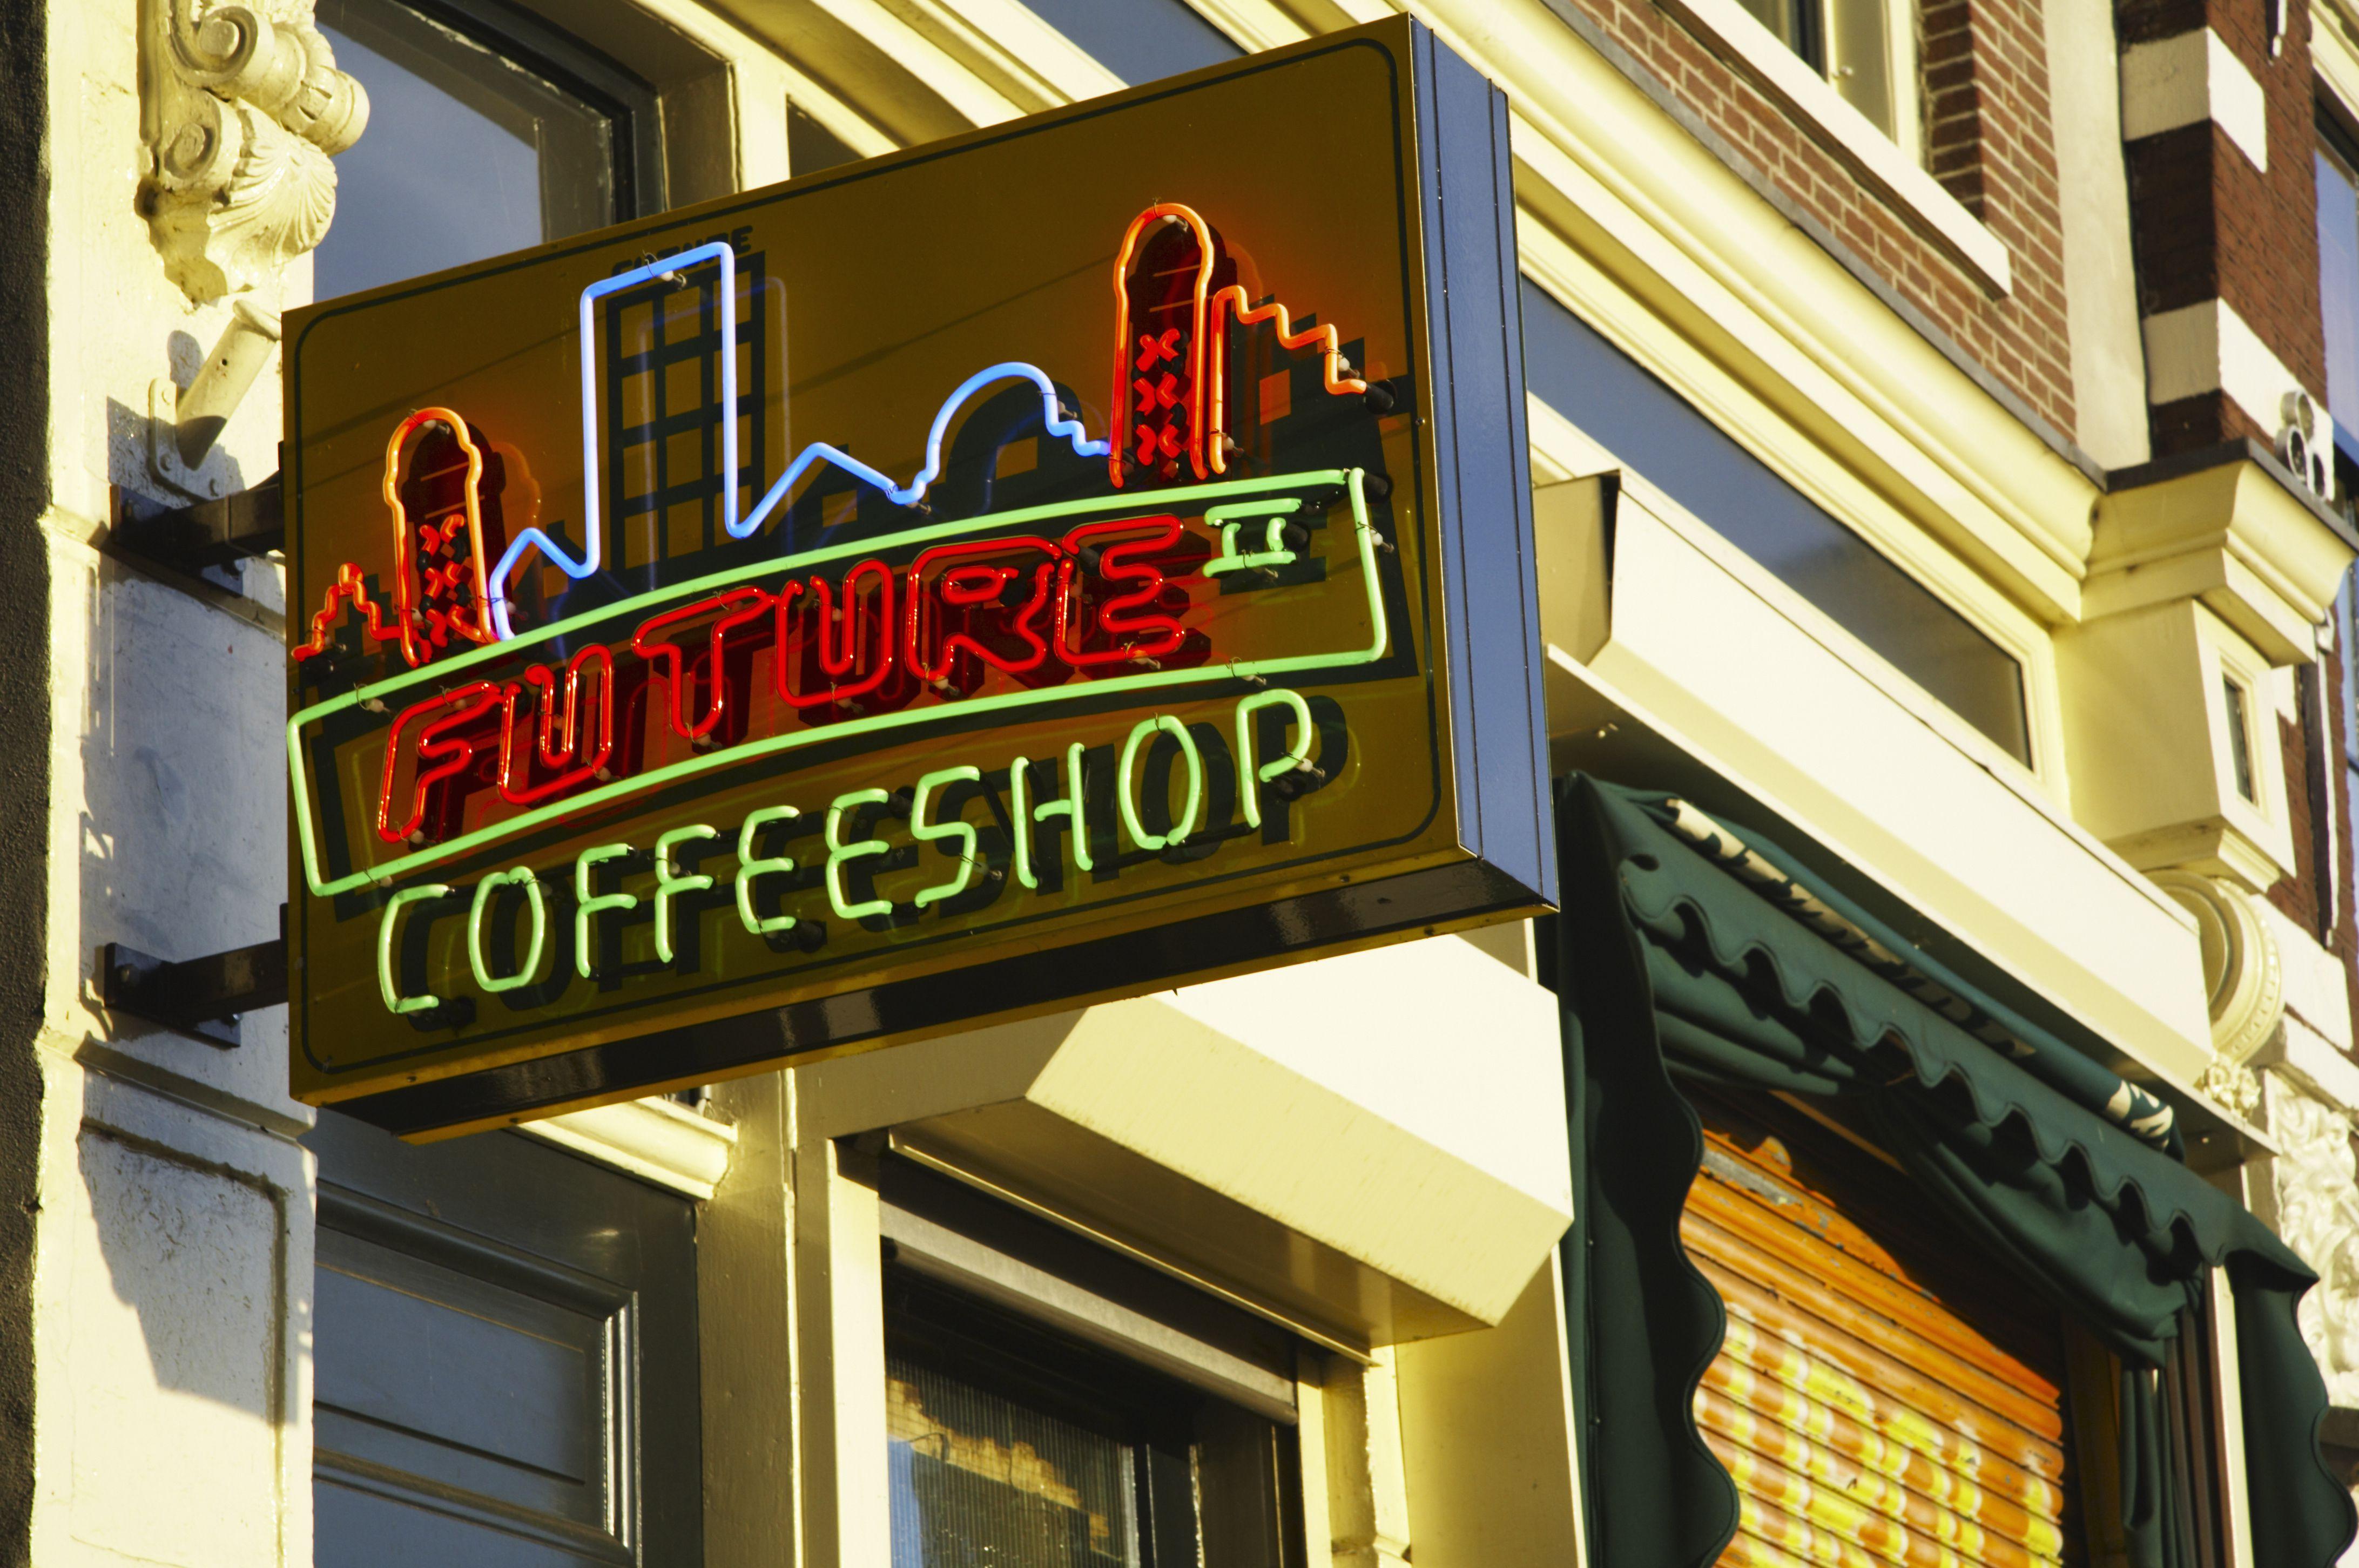 Coffee shop Future, establecimiento para fumar cannabis en la ciudad de Amsterdam. Países Bajos, Holanda del Norte, Amsterdam